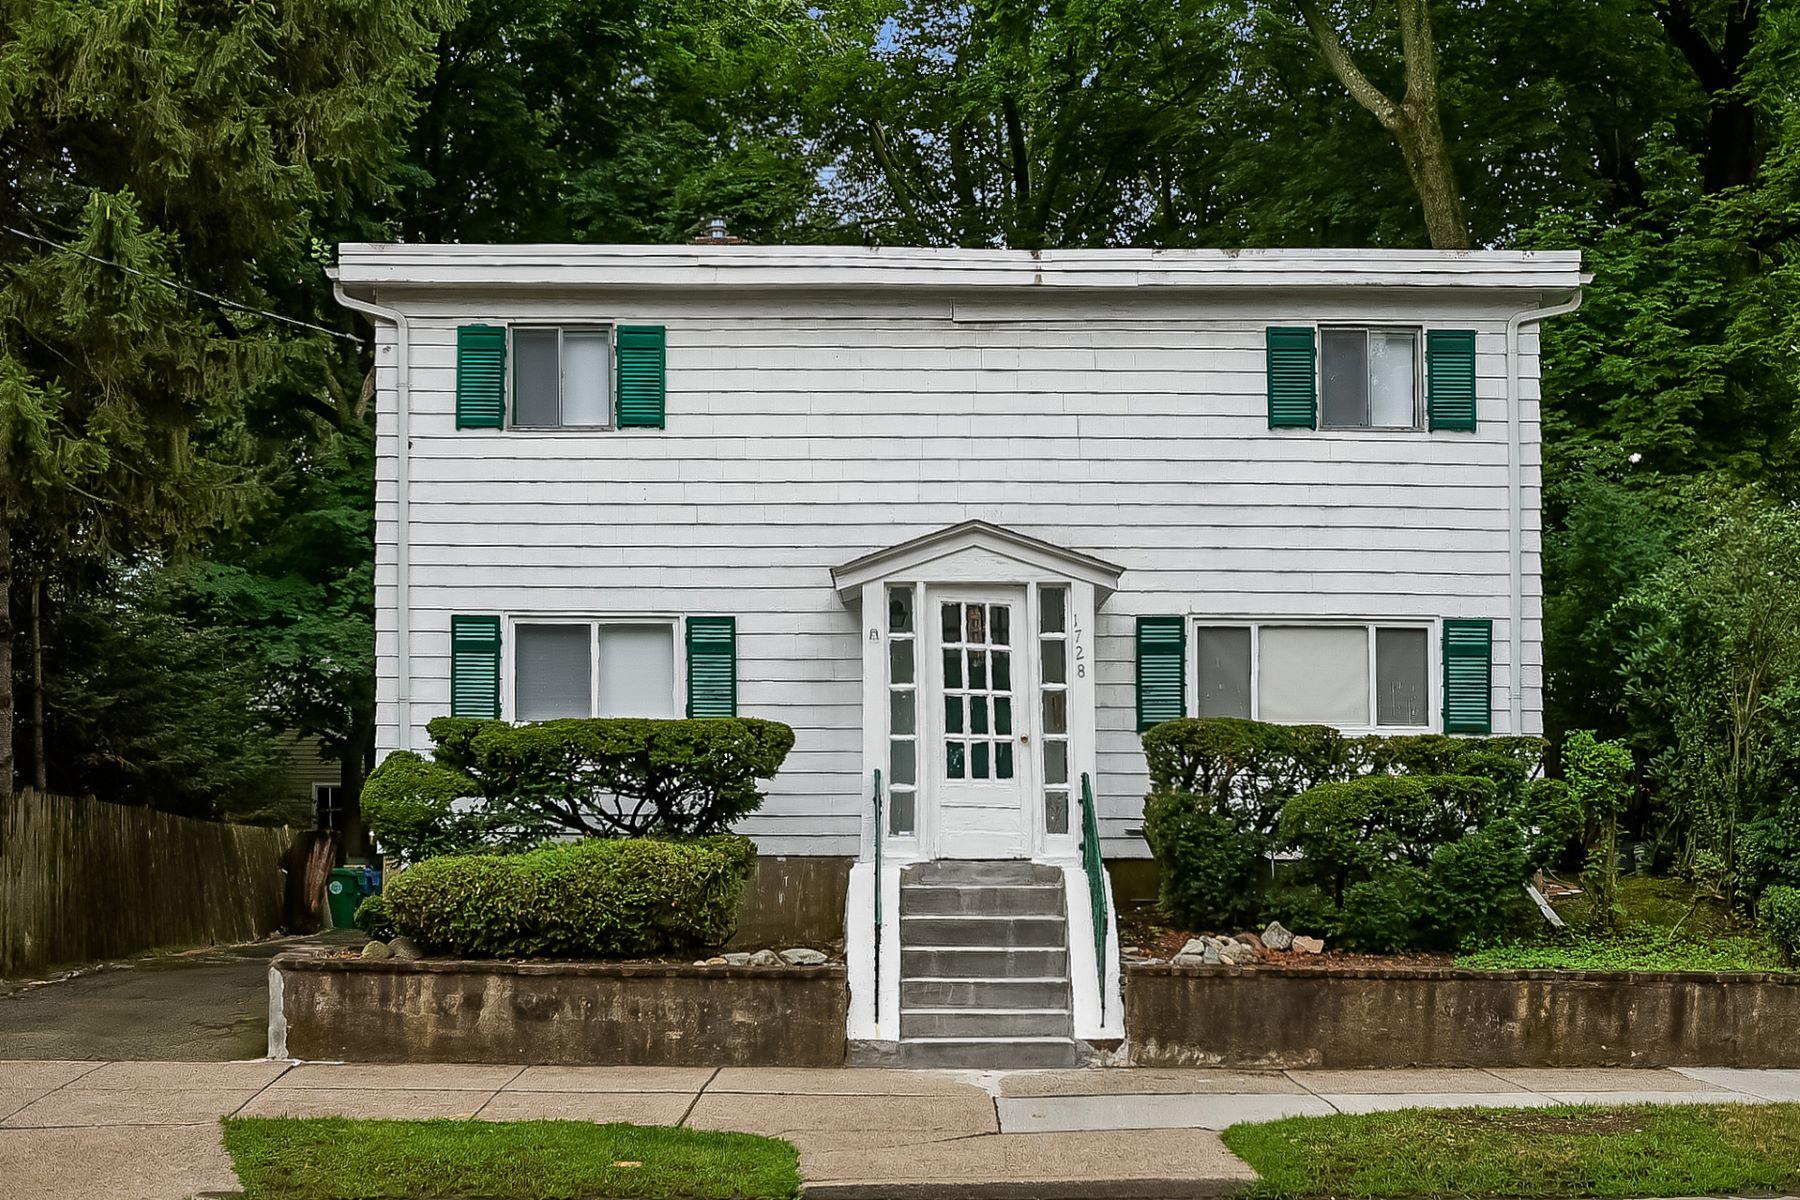 Villa per Vendita alle ore 1728 Commonwealth Ave, Newton Newton, Massachusetts, 02465 Stati Uniti